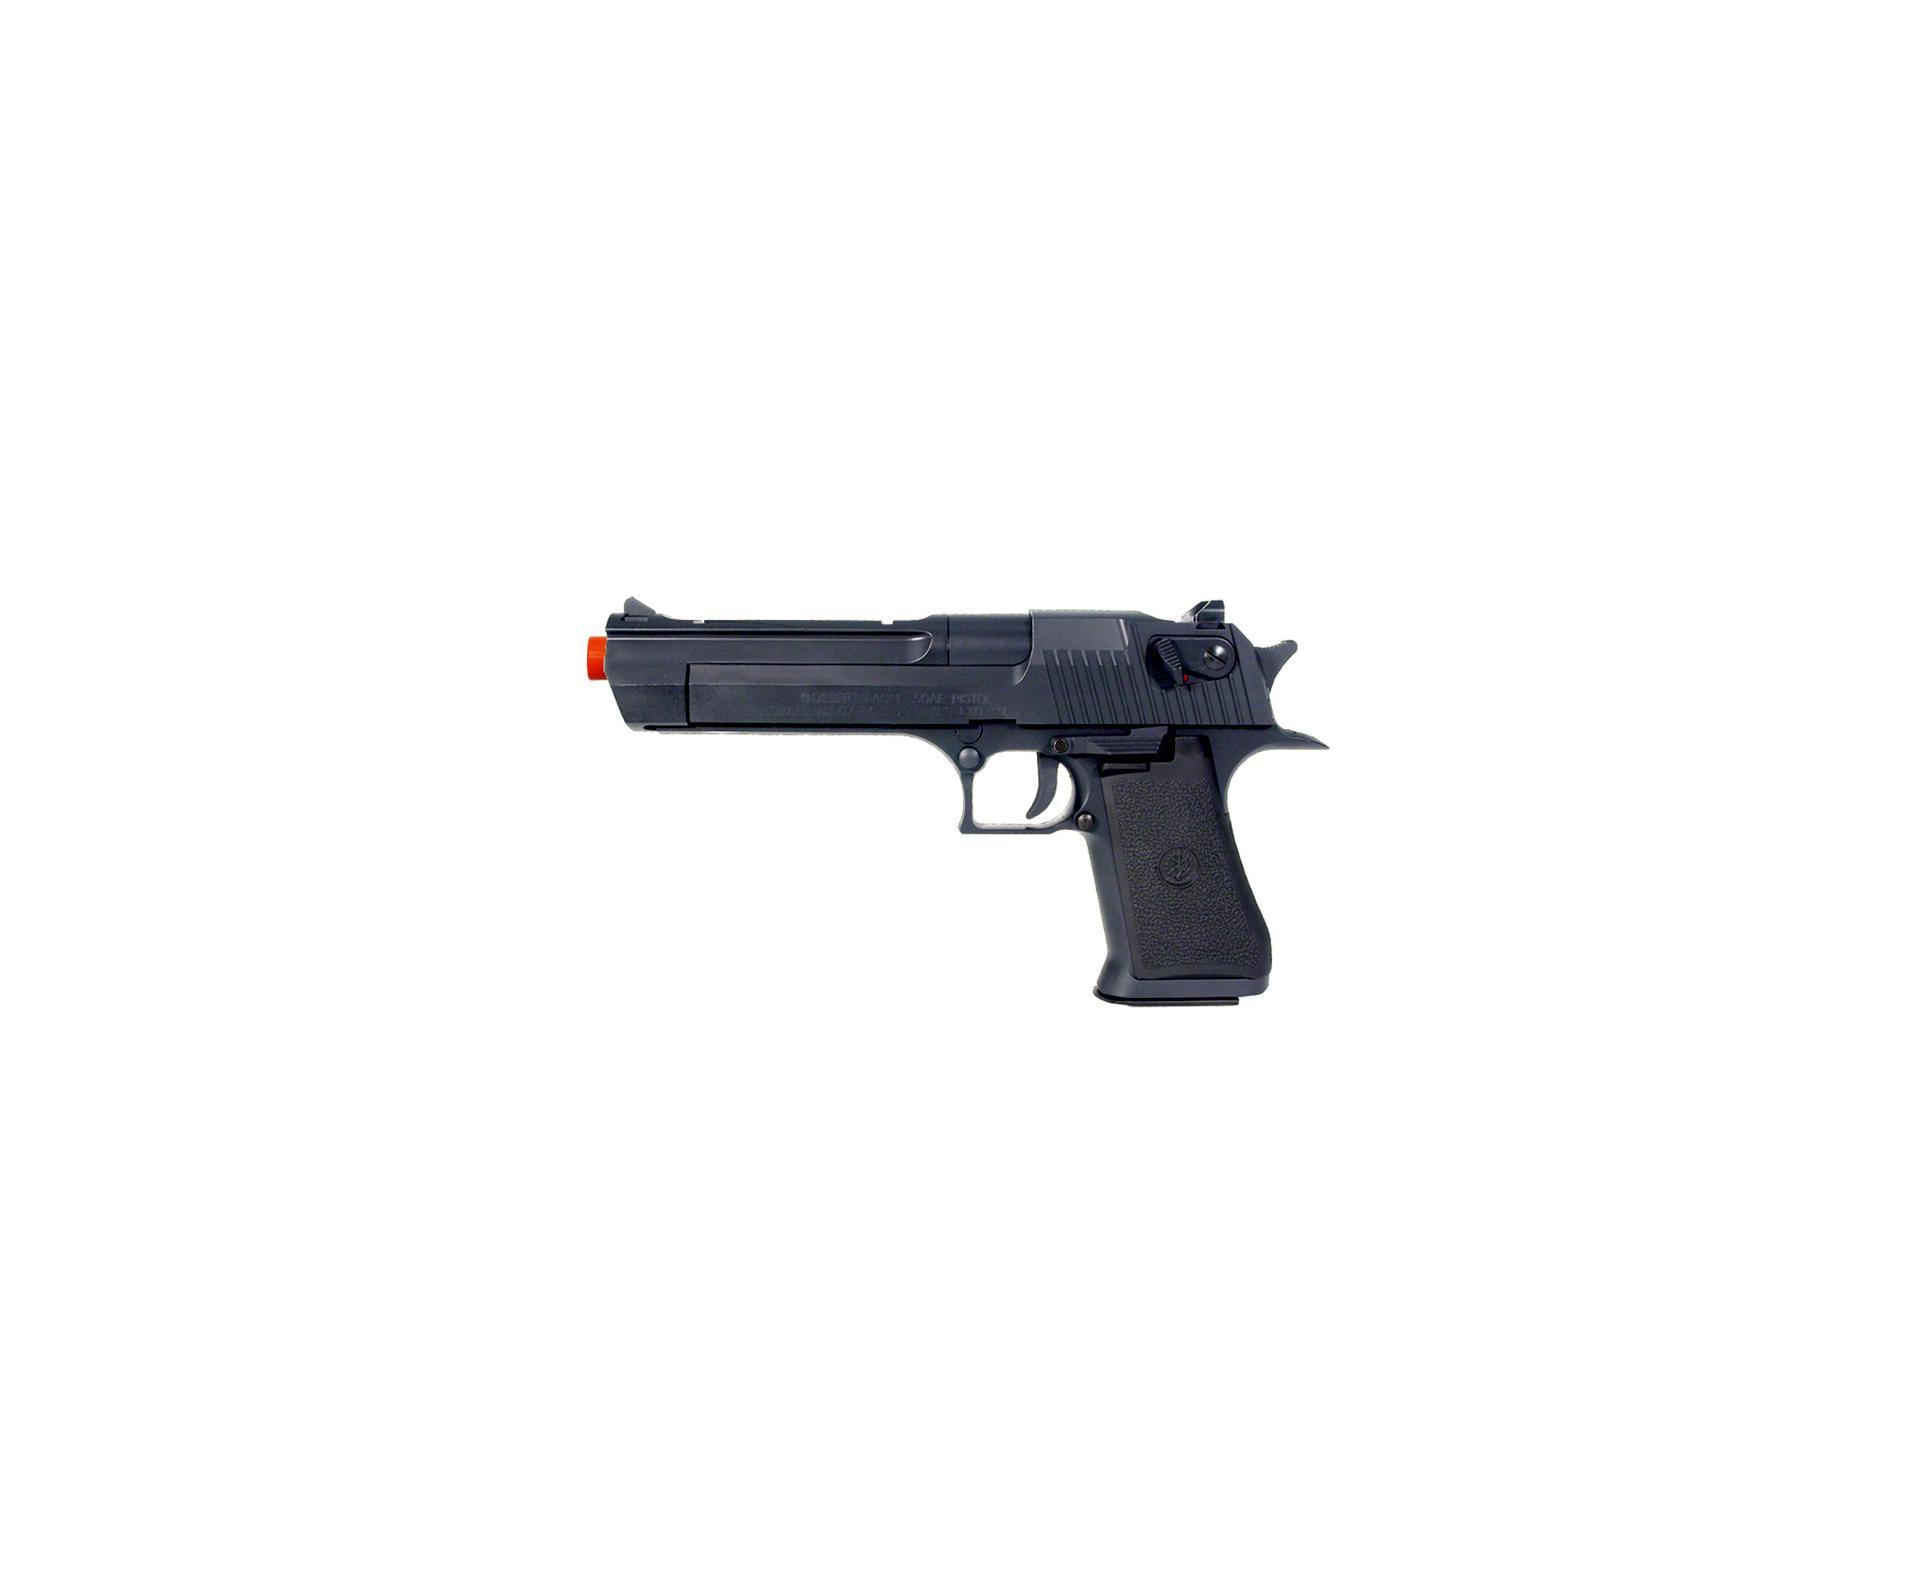 Pistola De Airsoft .50ae - Desert Eagle - Calibre 6,0 Mm - Cyber Gun